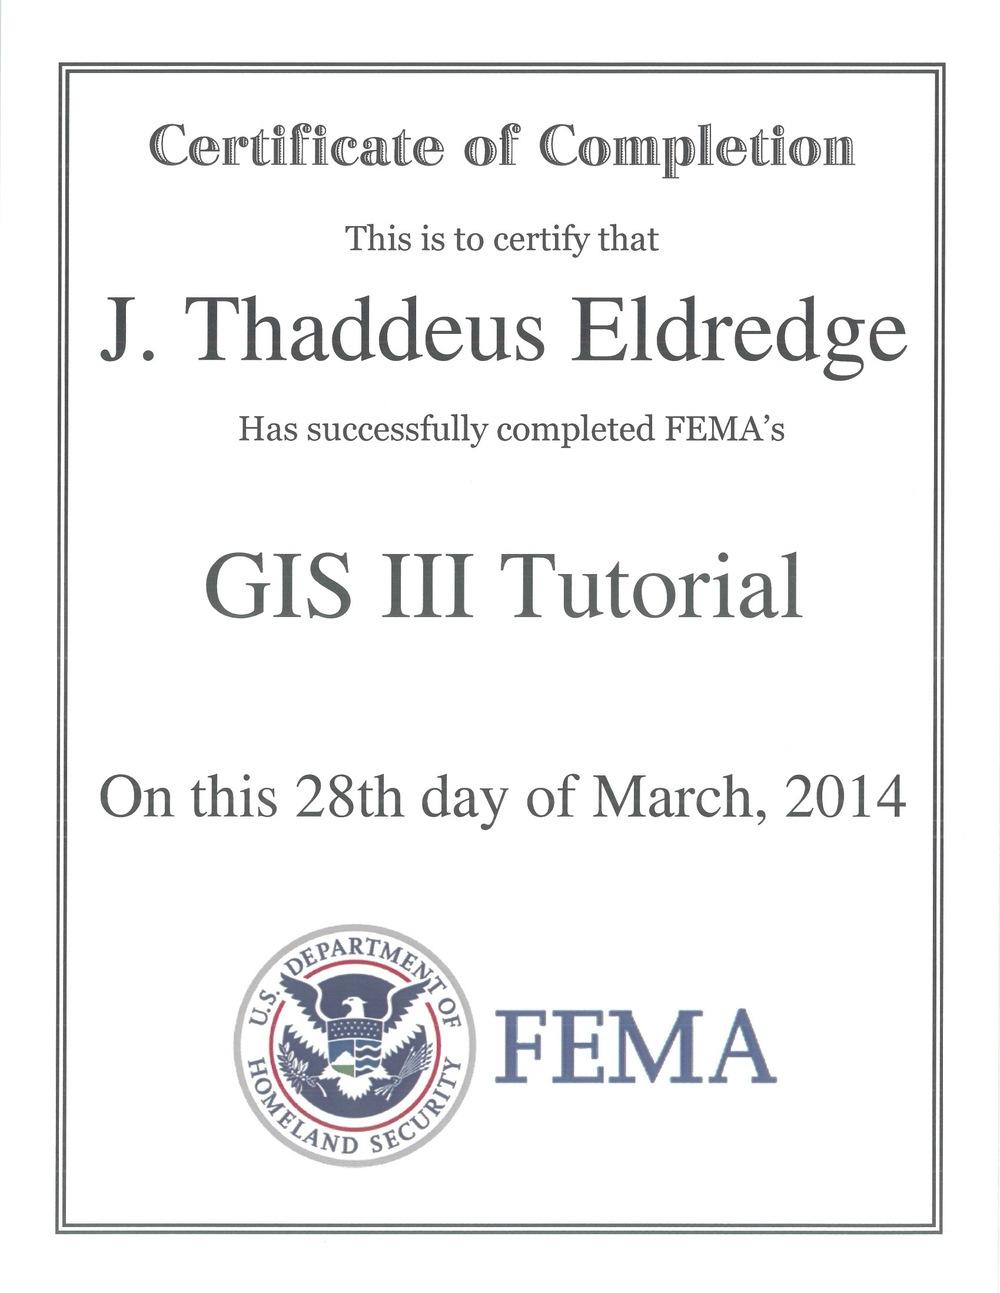 2014-03-28 FEMA GIS III.jpg